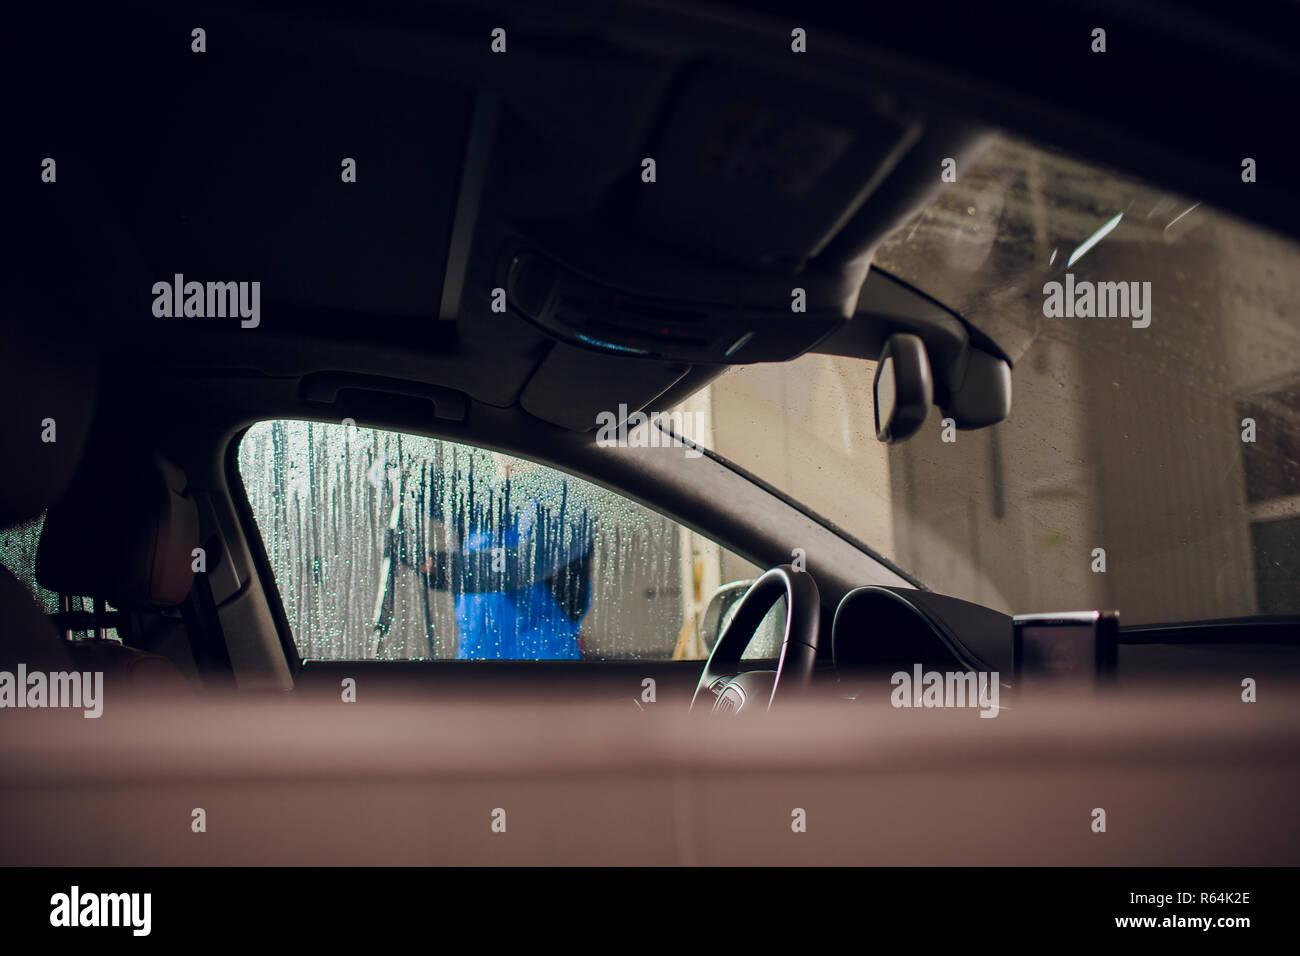 Hombre de lavado manual del automóvil Coche lavado self service,limpieza con espuma,presionó a agua. Lavado de coches en estación de autoservicio con alta presión blaster coche visto desde el interior de la ventana Imagen De Stock